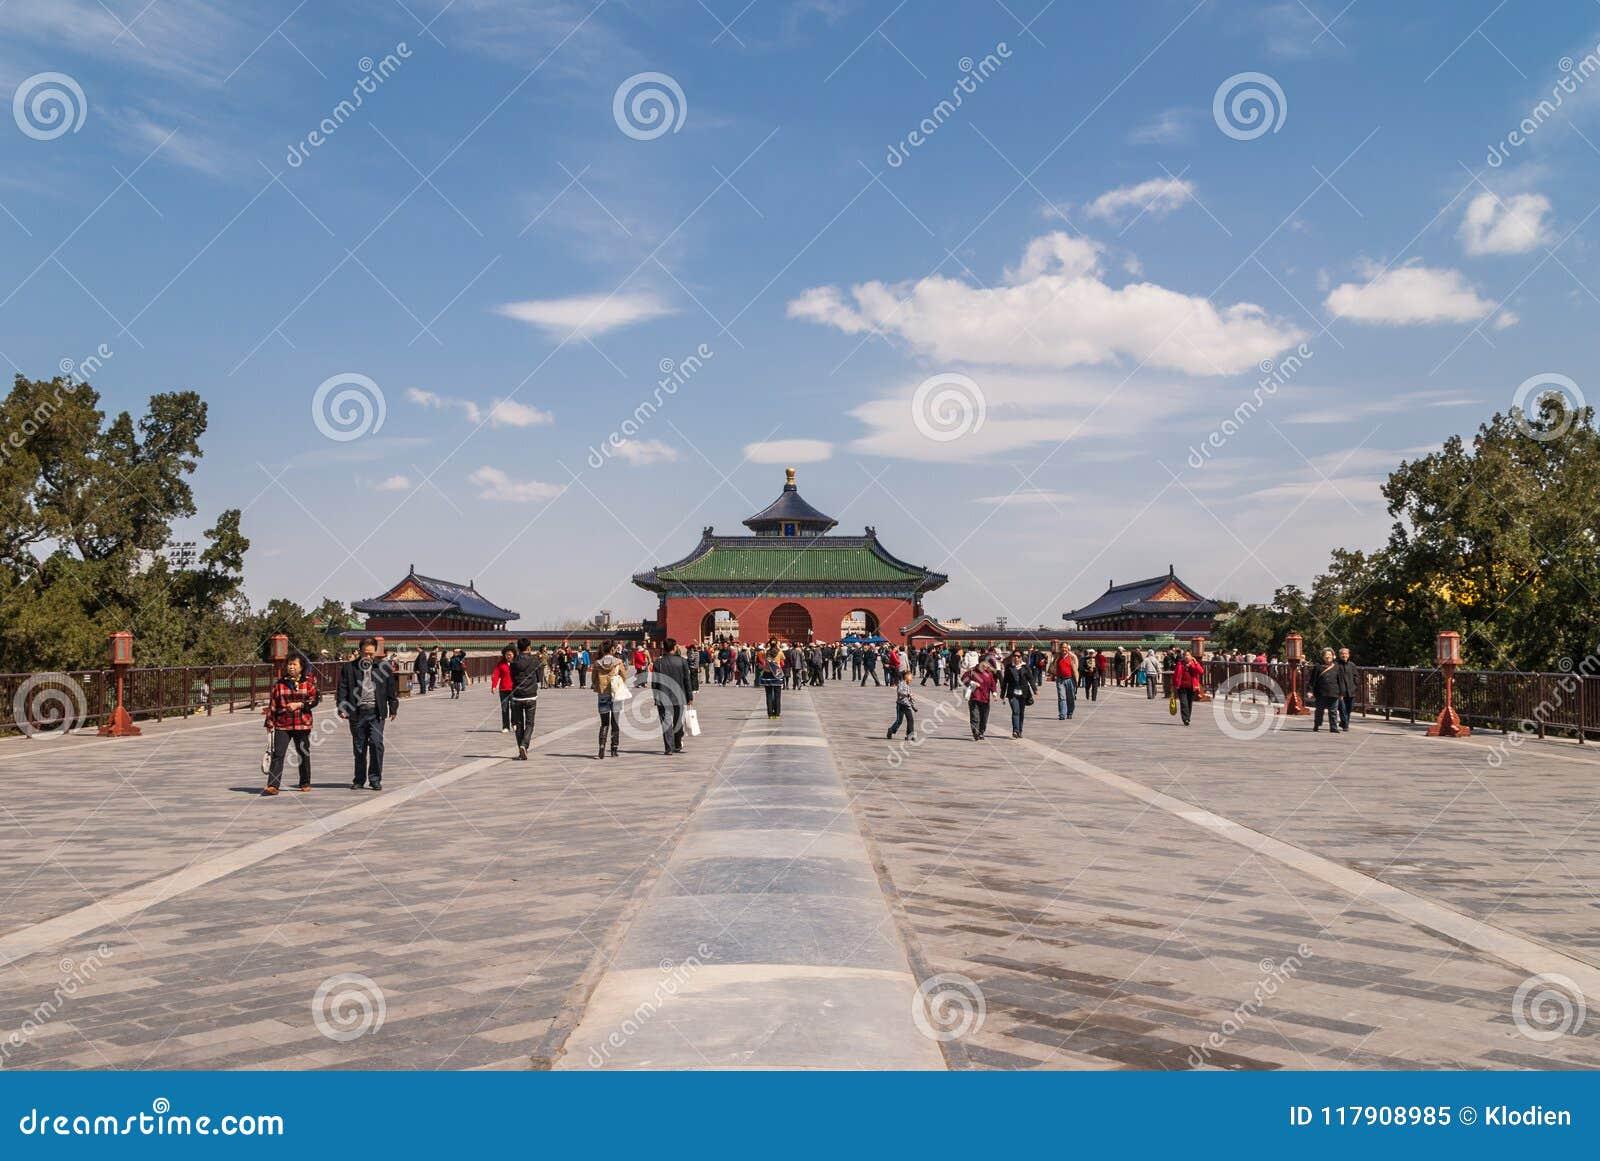 Lange gang aan ingang aan tempel van hemel peking redactionele